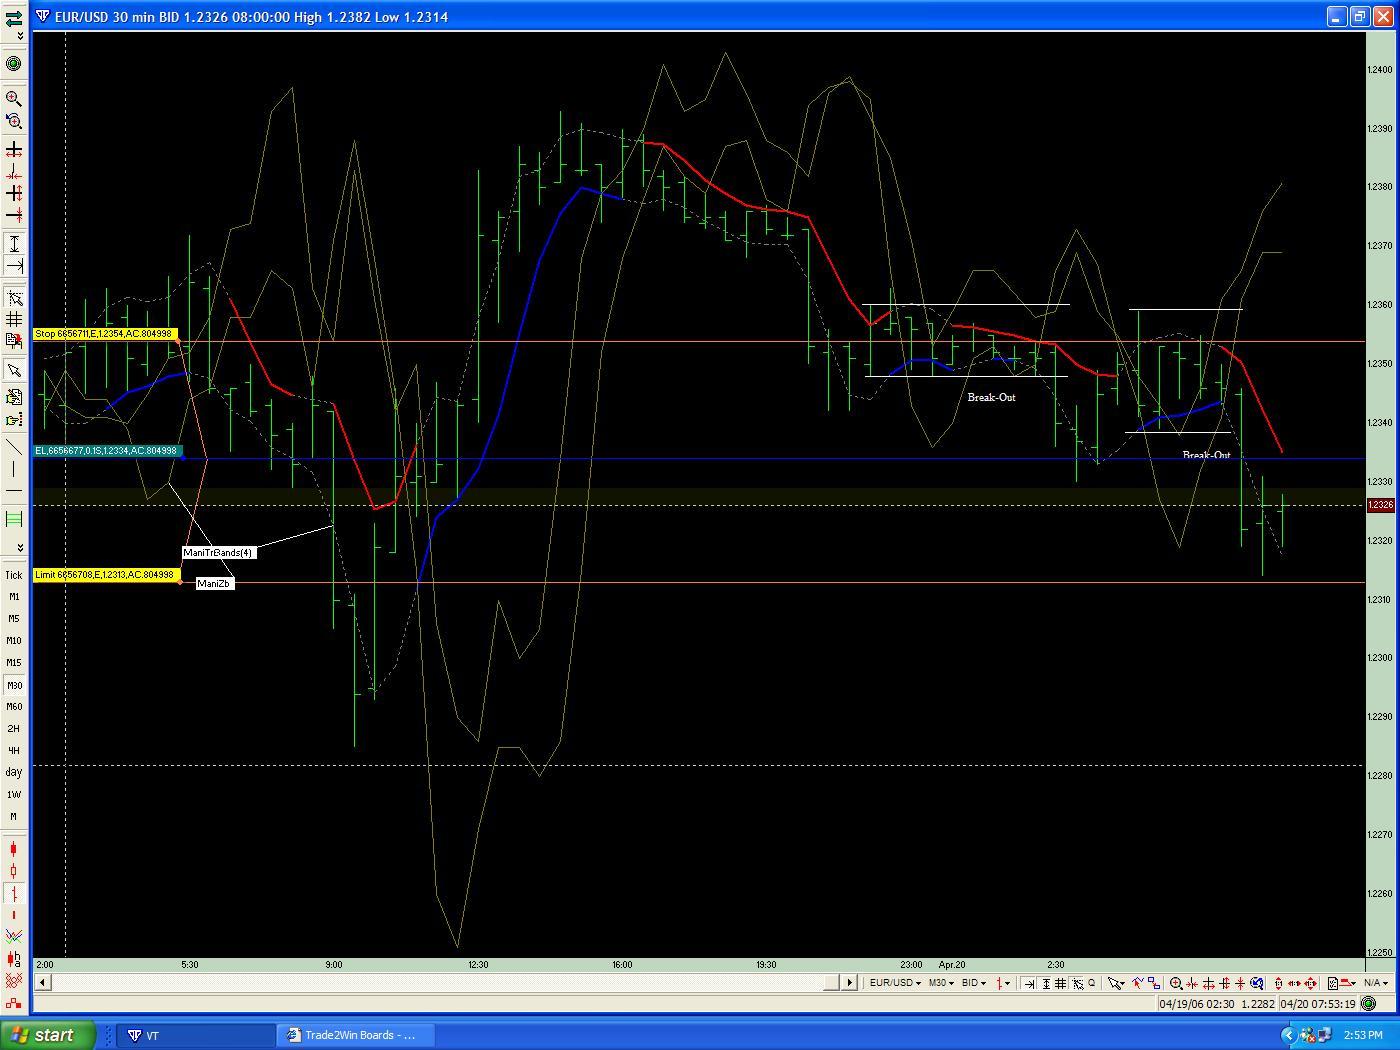 Mr alum trading signals